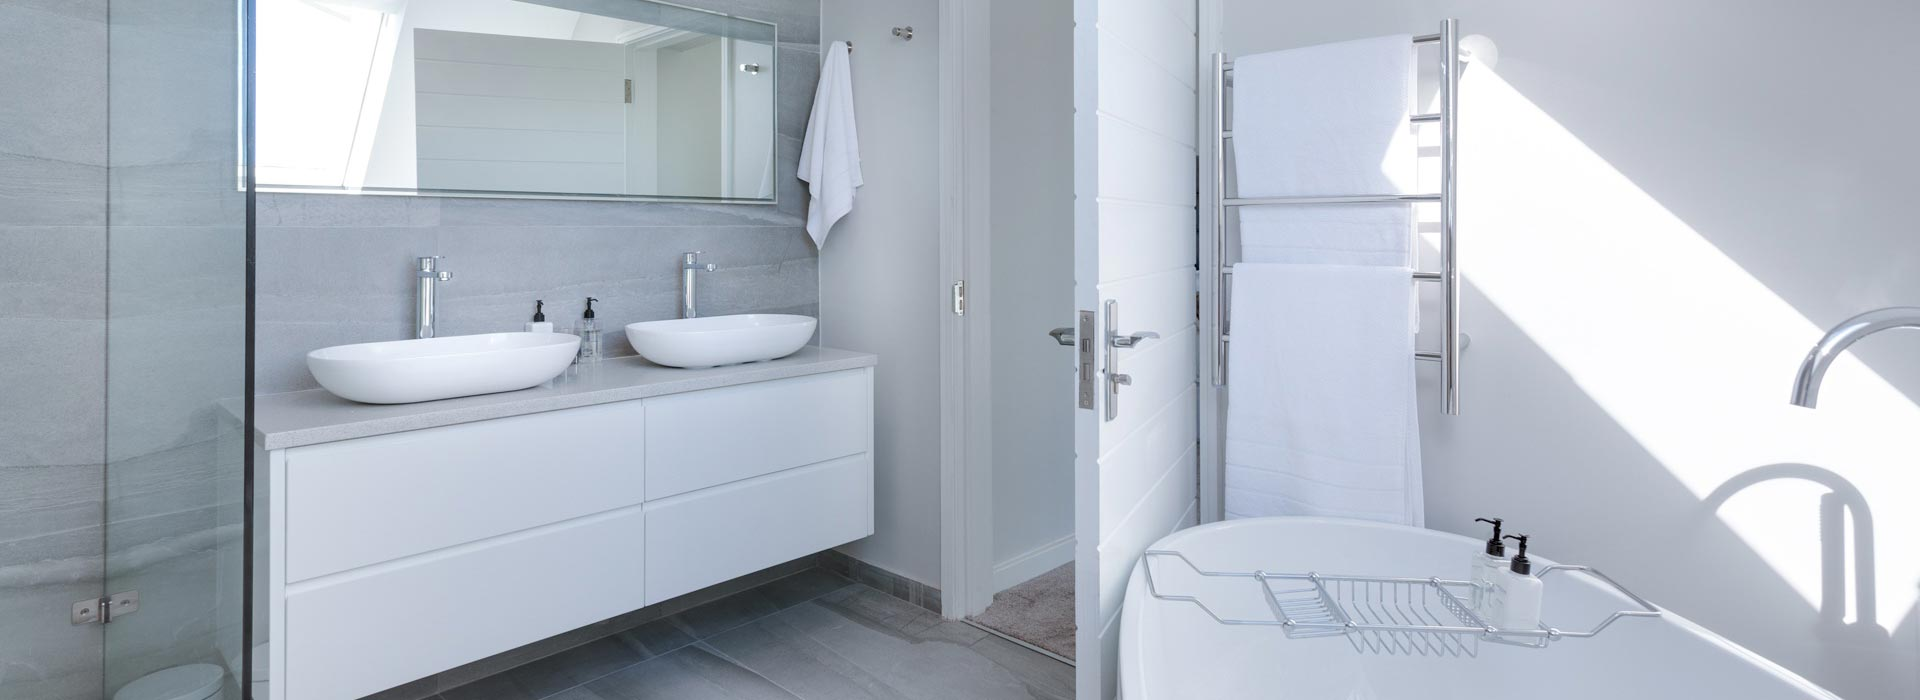 Badsanierung mit Meyer Haustechnik